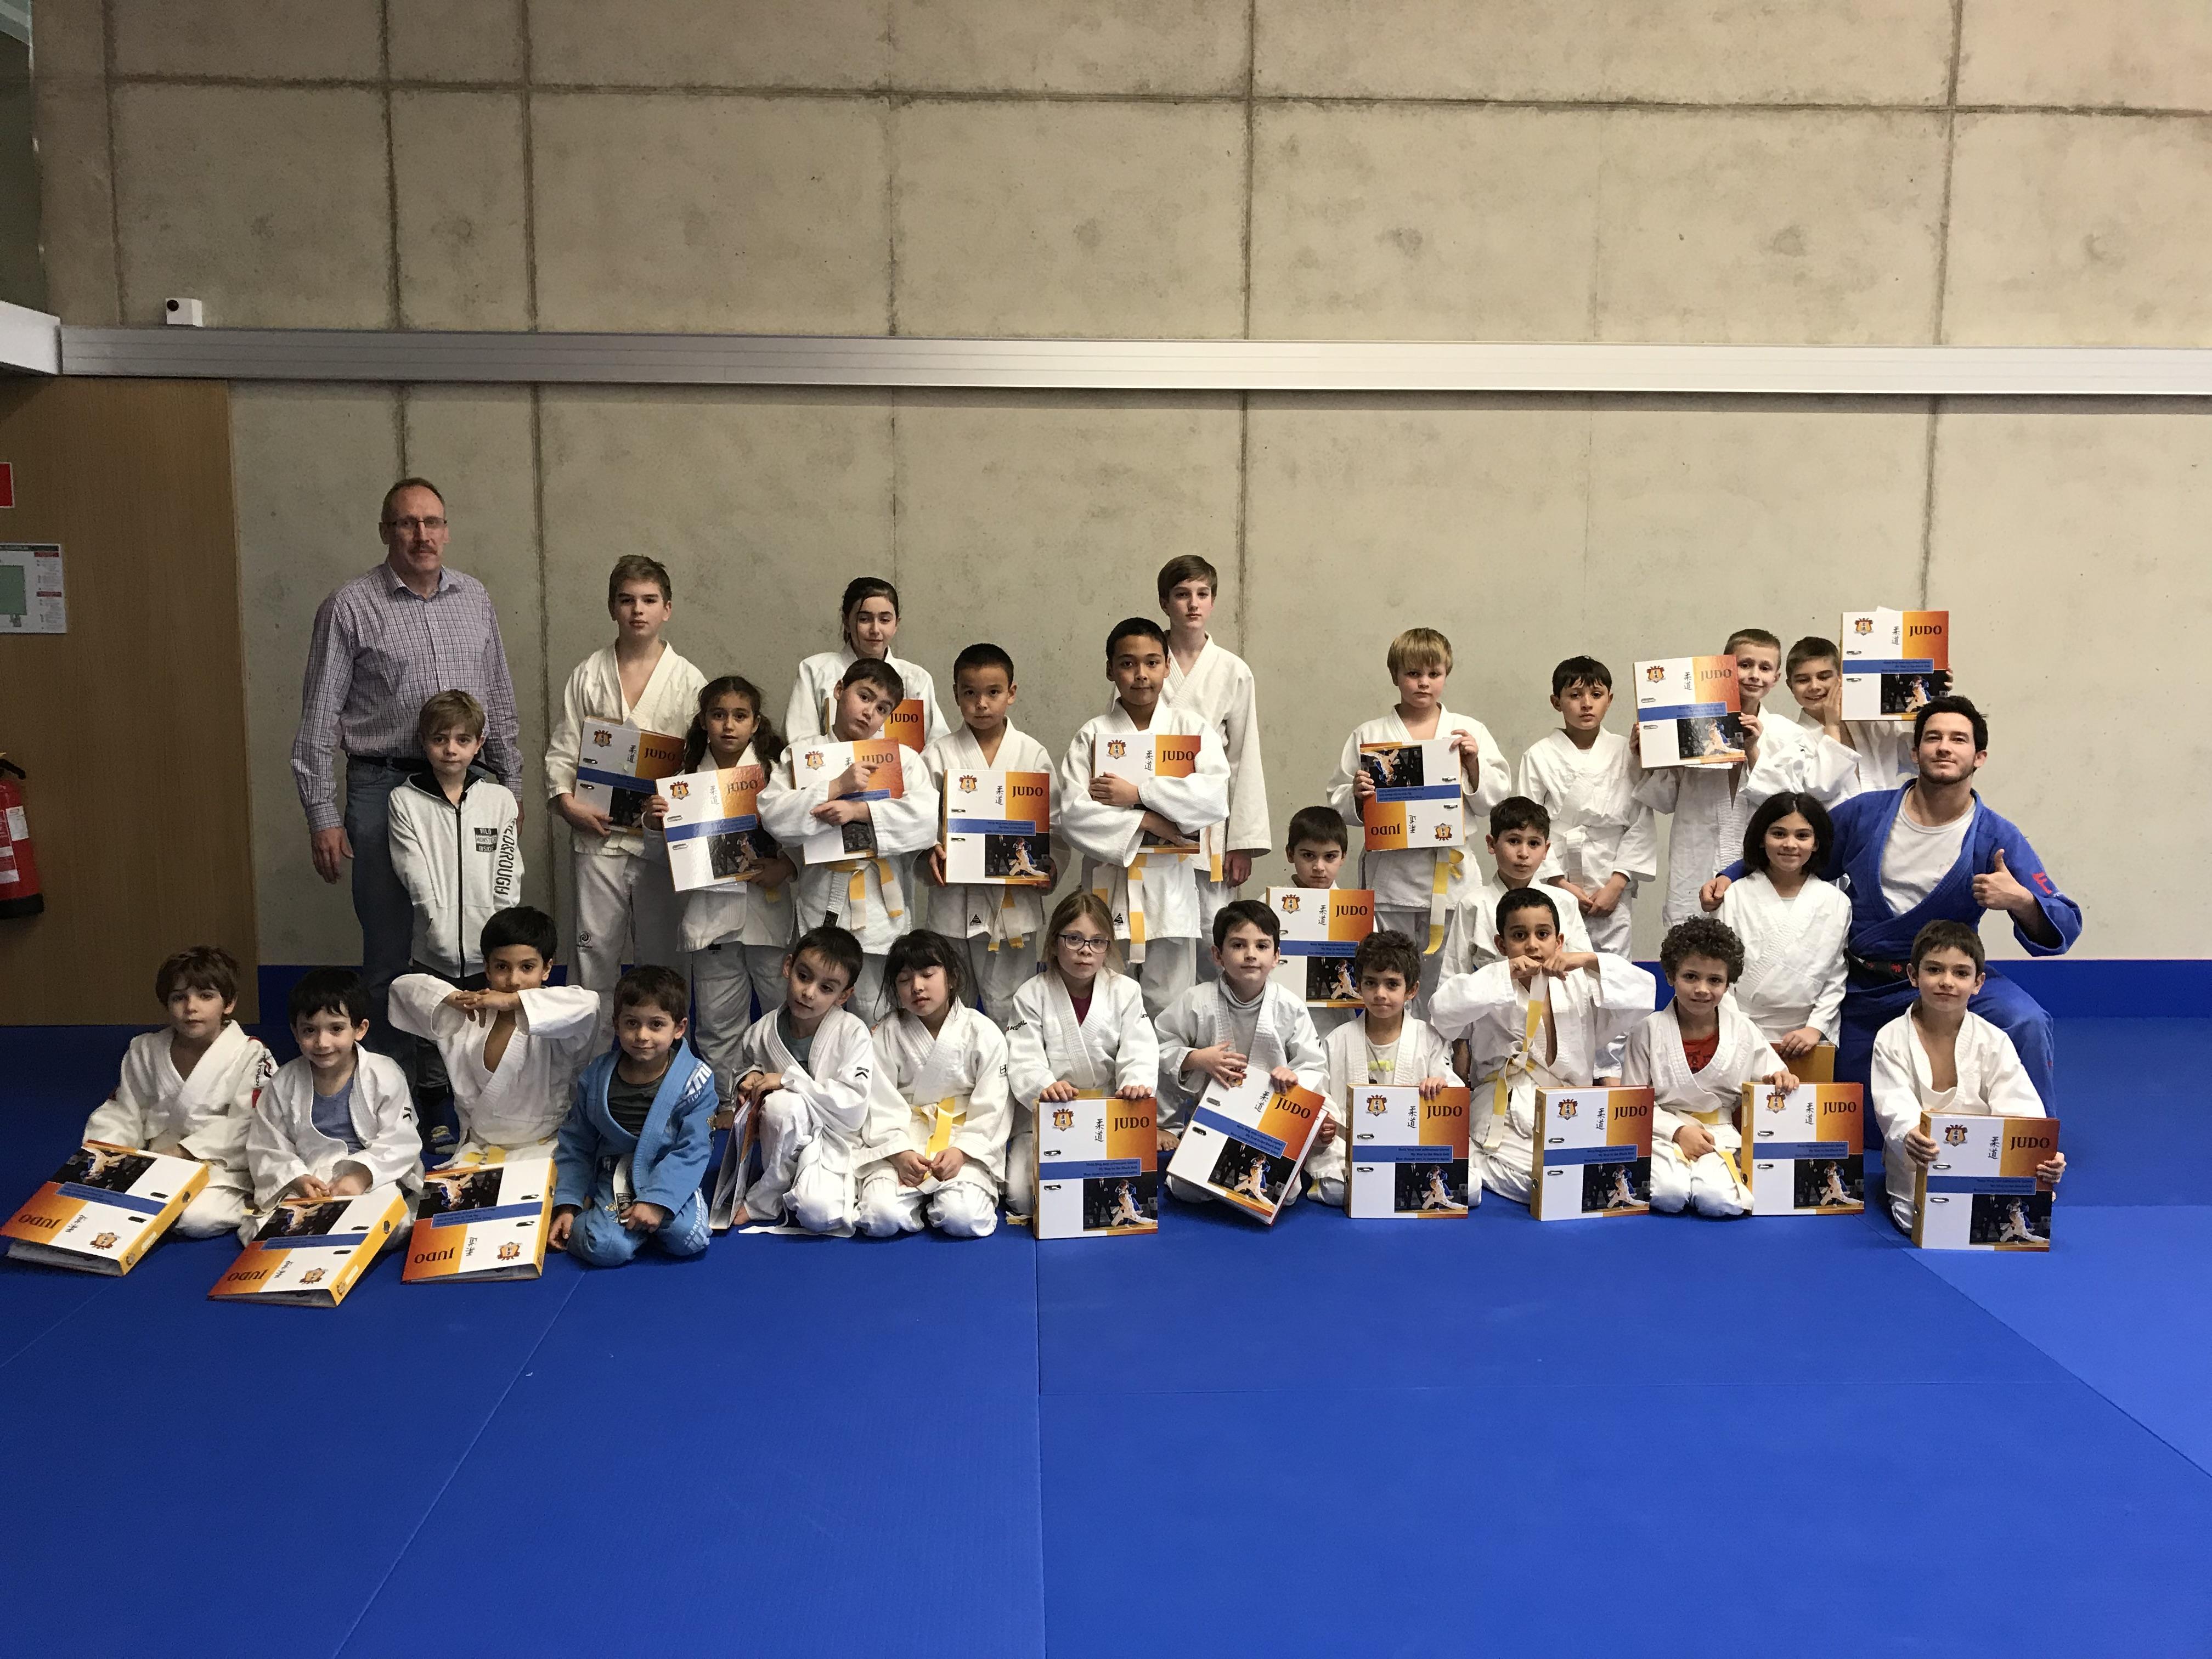 Begleitung auf dem Weg zum schwarzen Gürtel für die Kleinen im Judo Club Stroosen